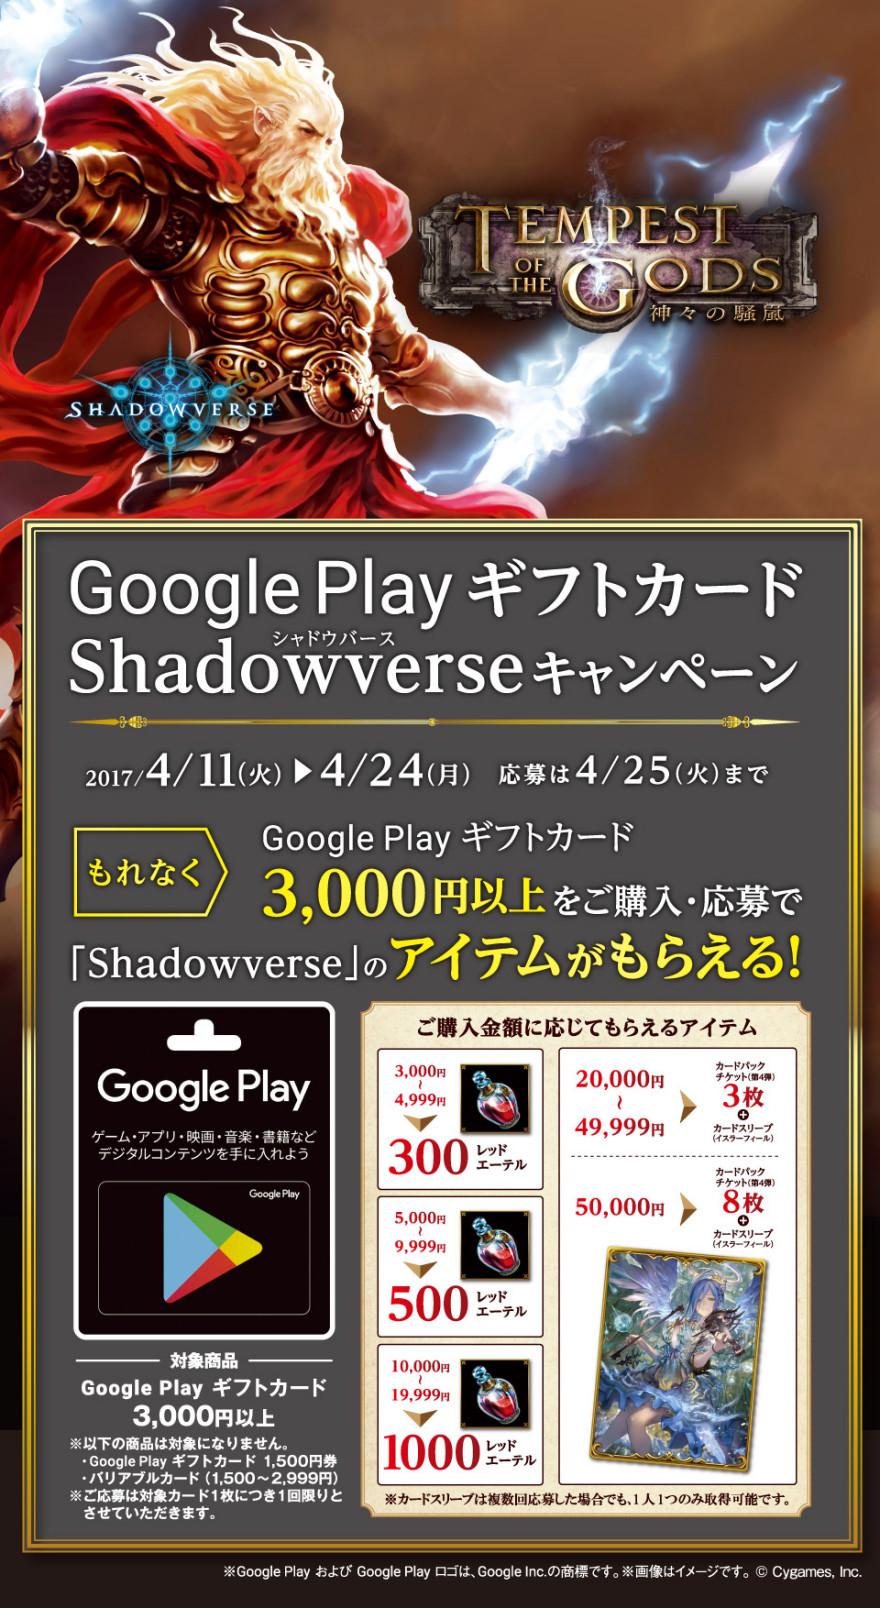 サークルK・サンクス Google Play ギフトカード シャドウバースキャンペーン!お知らせ